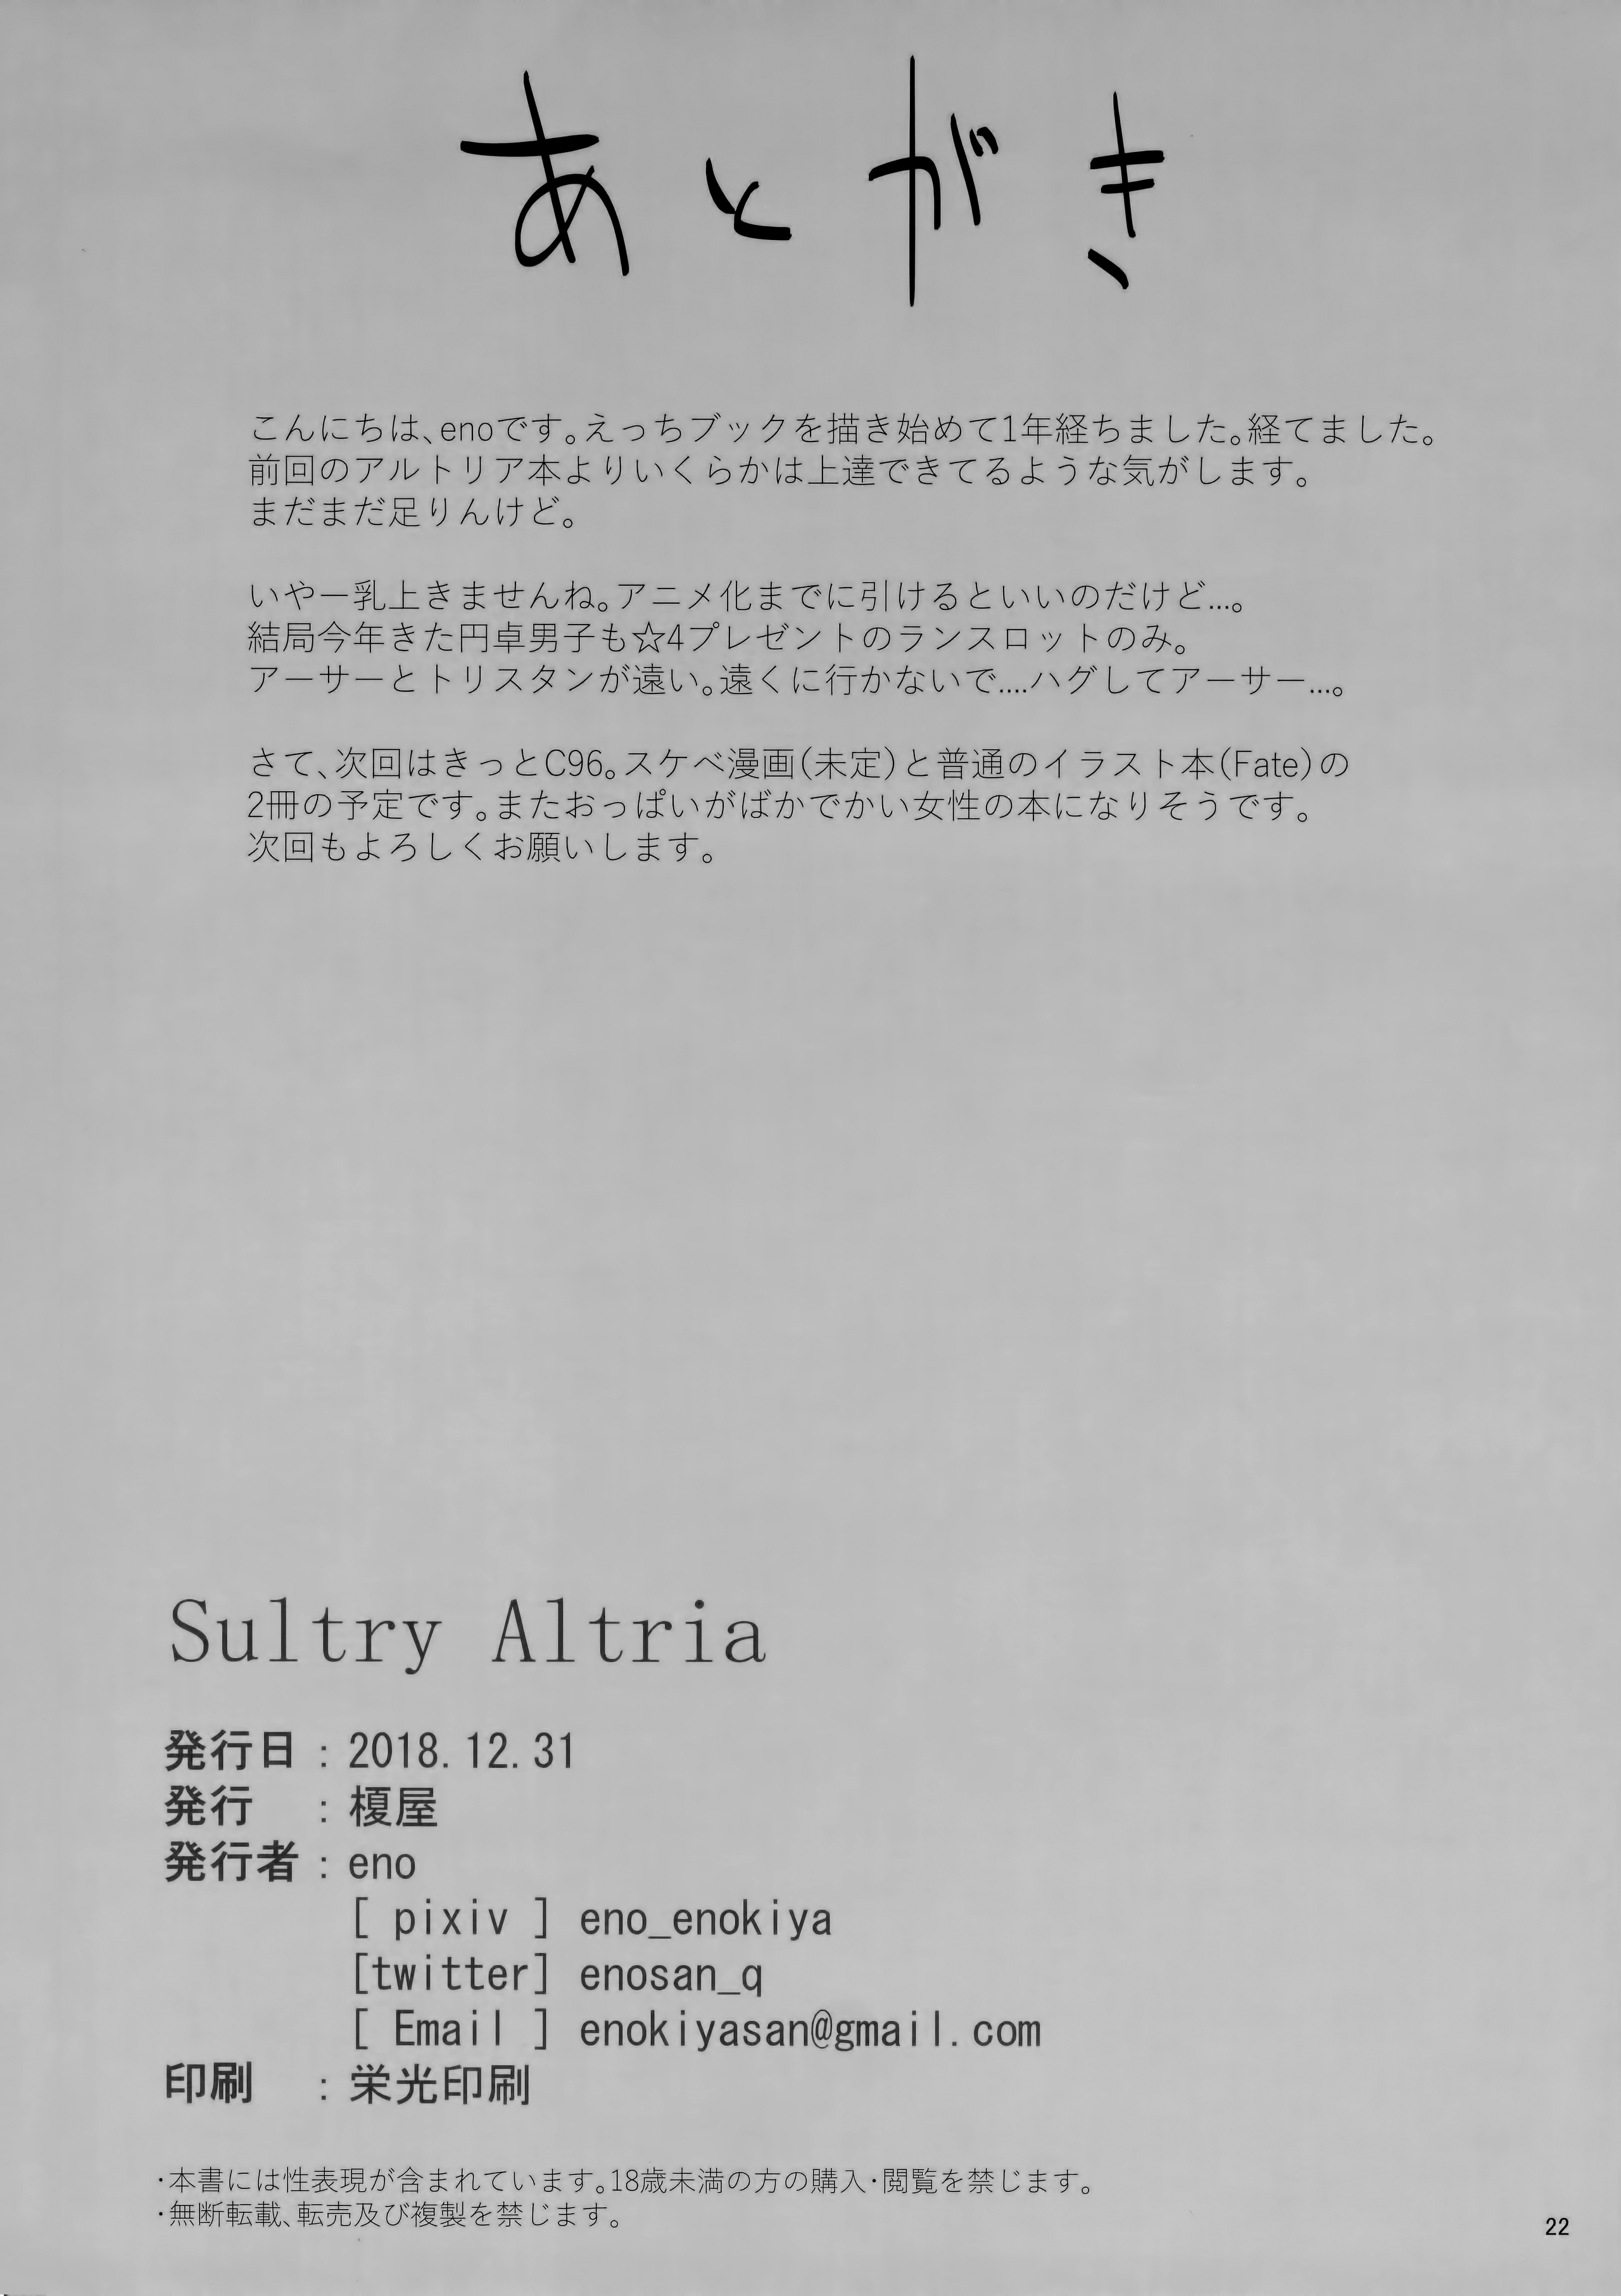 Sultry Altria